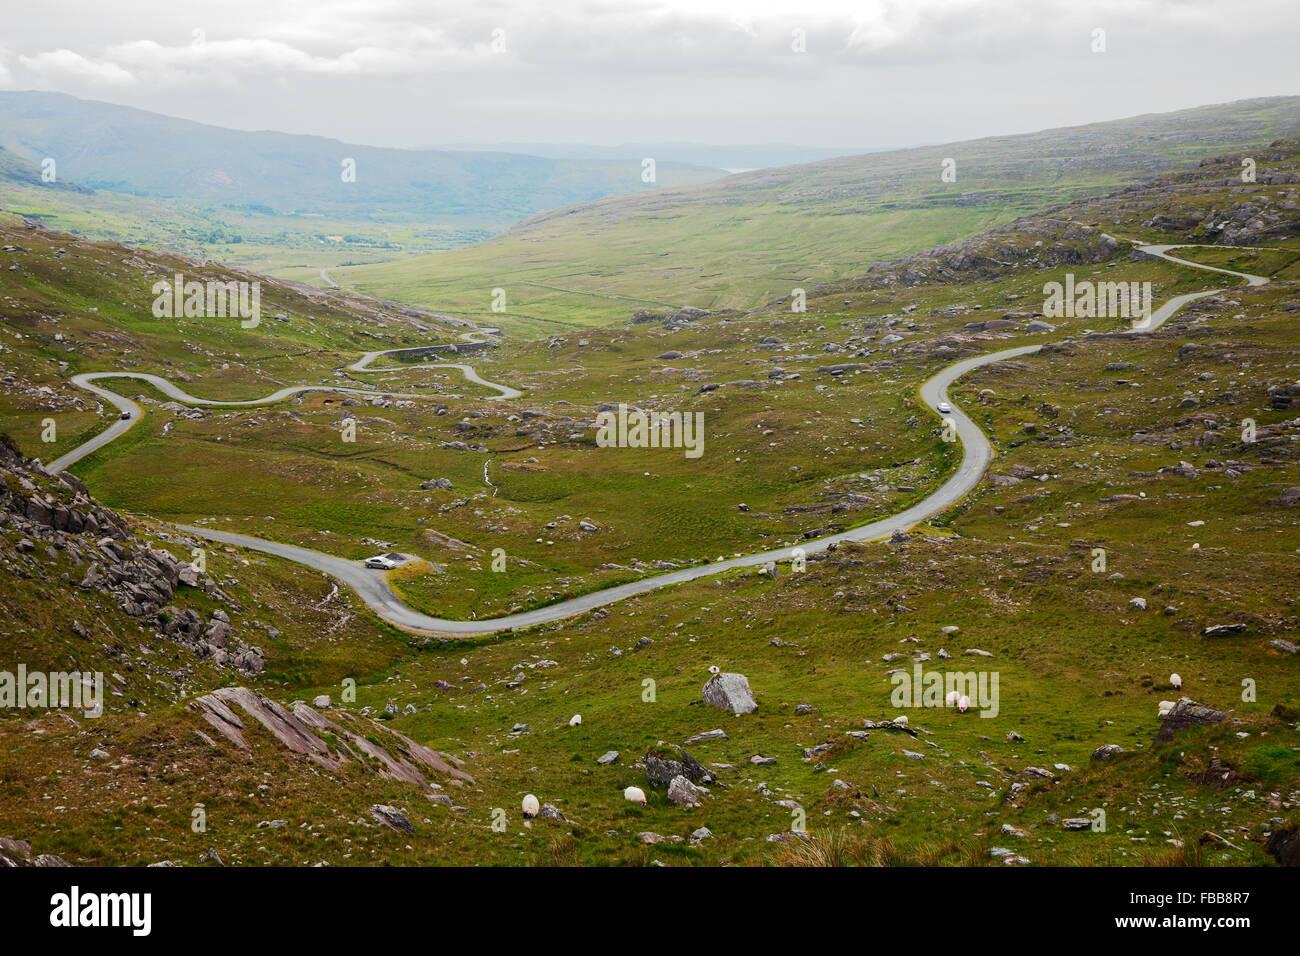 road to Healy Pass on peninsula Beara, Co. Kerry, Ireland - Stock Image